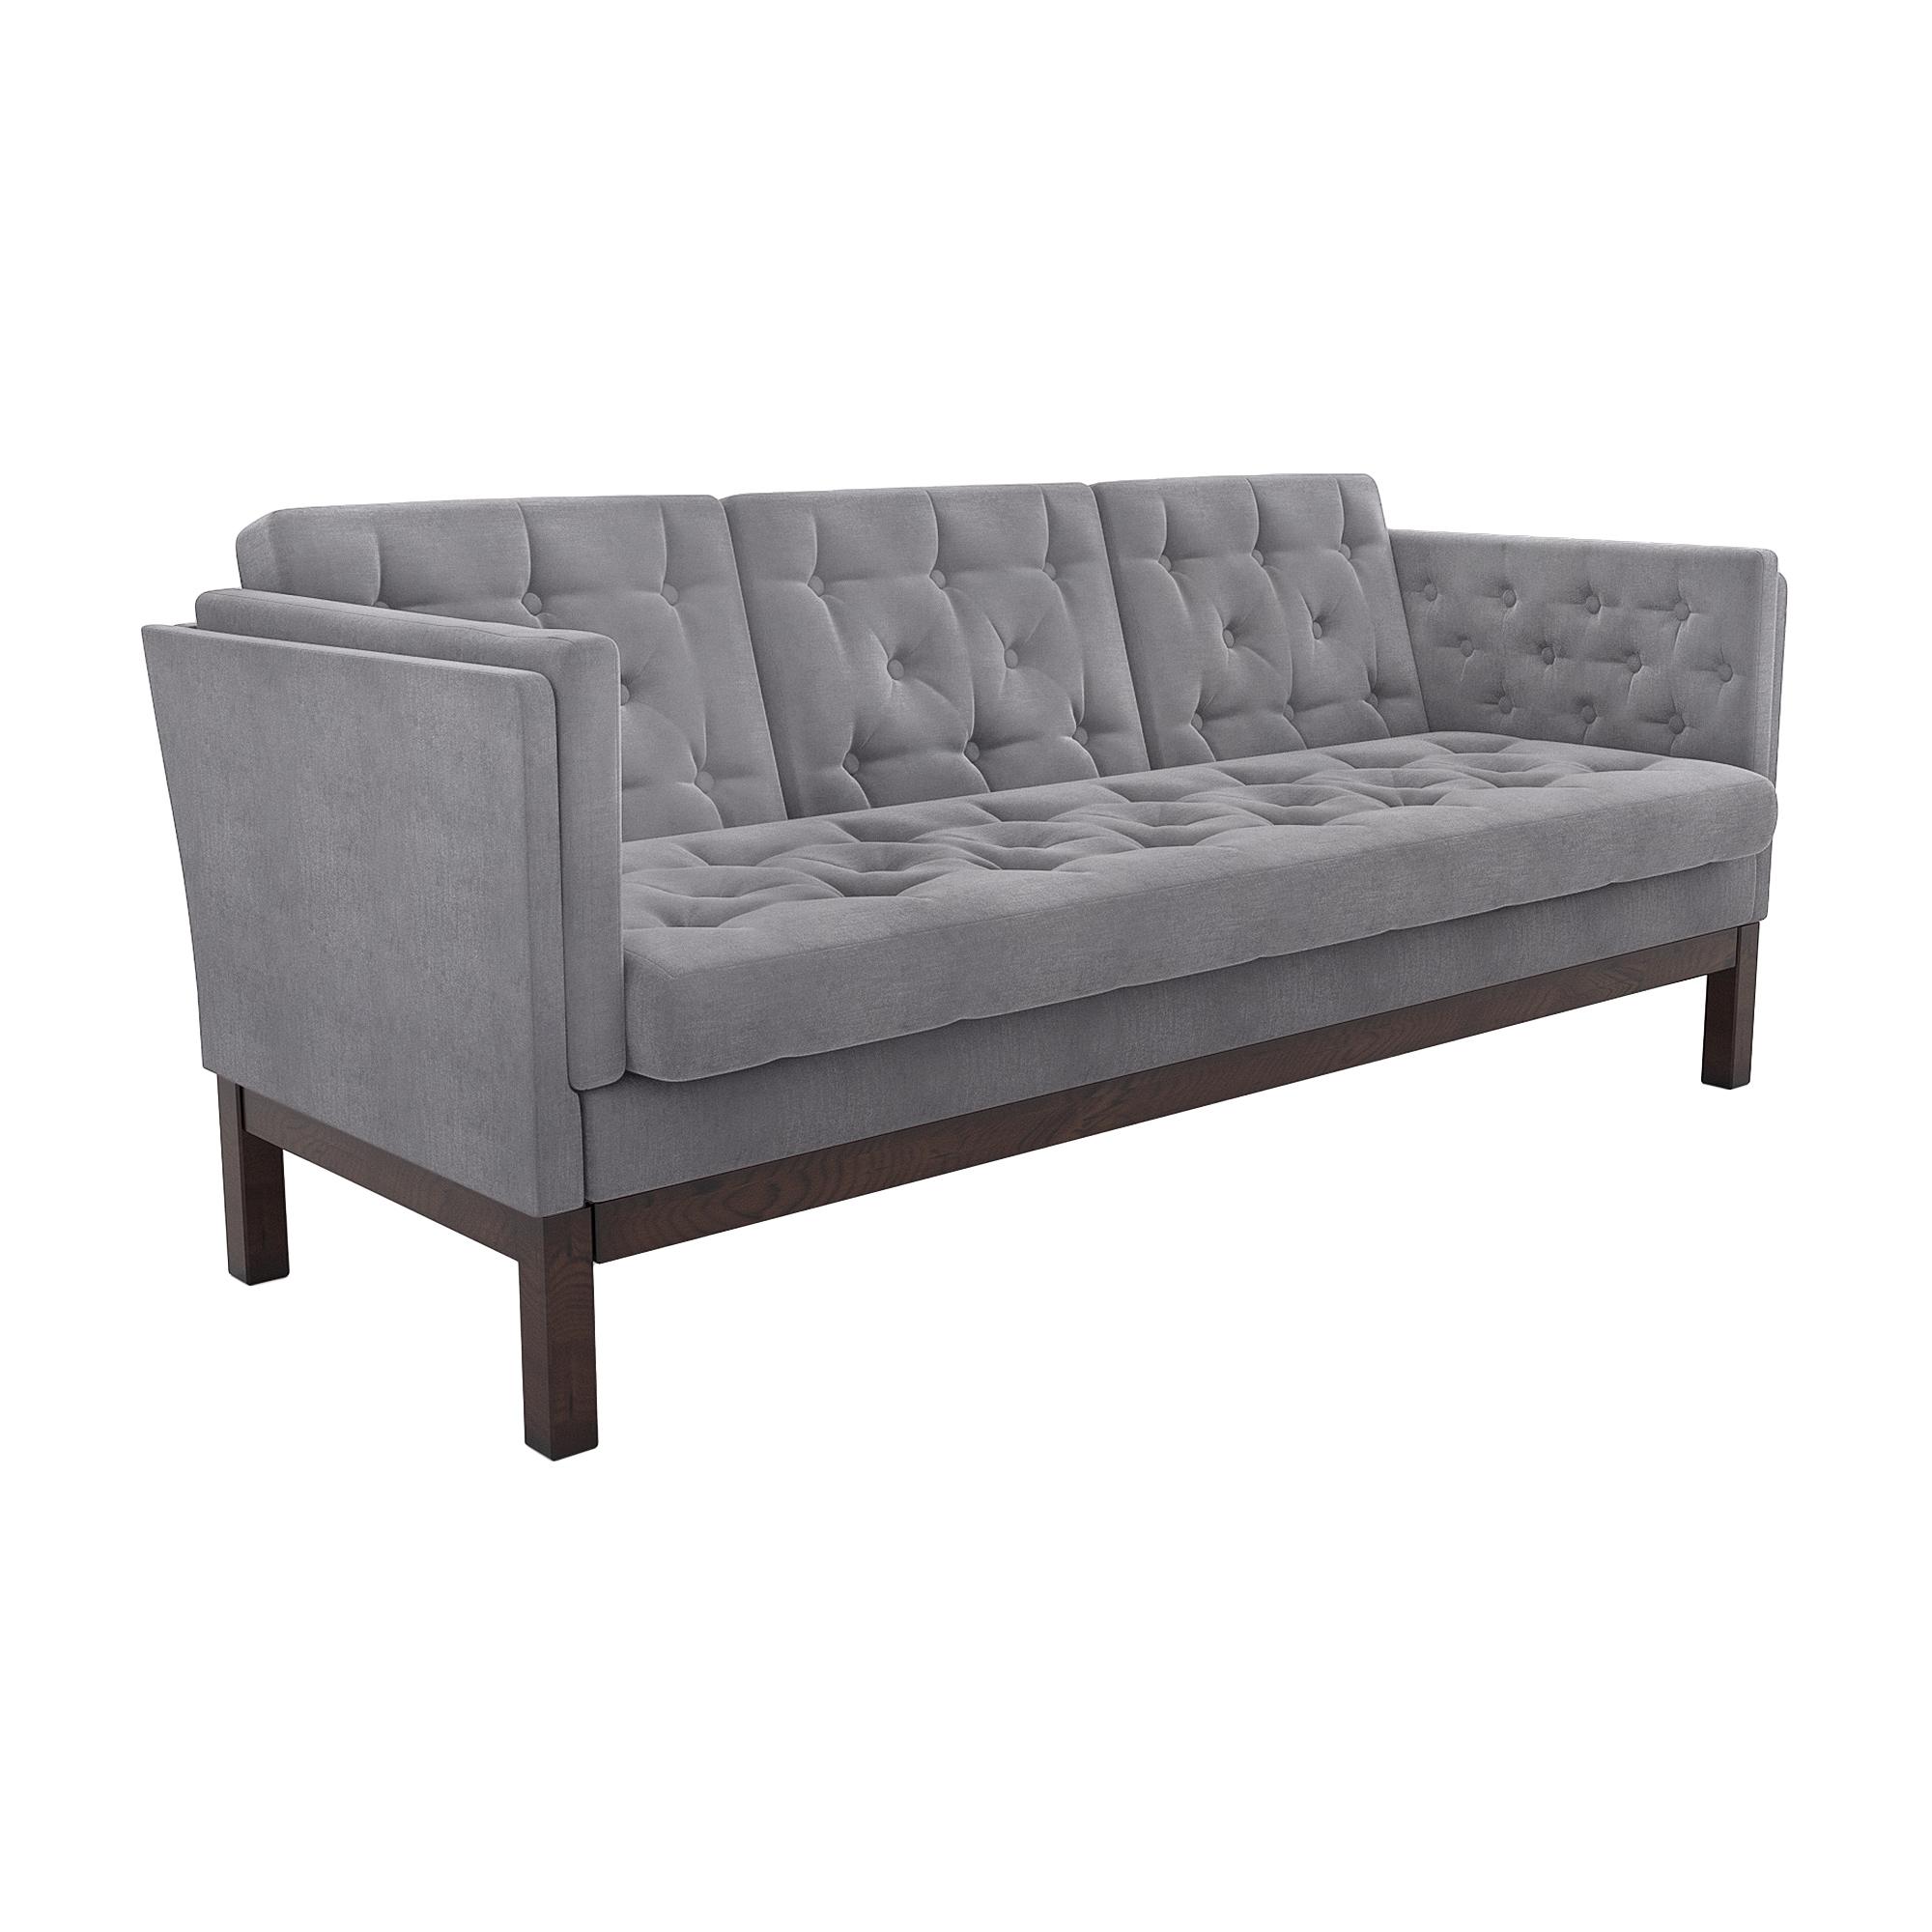 Фото - Диван AS Алана б 193x82x83 венге/грей диван as алана б 193x82x83 венге бейдж